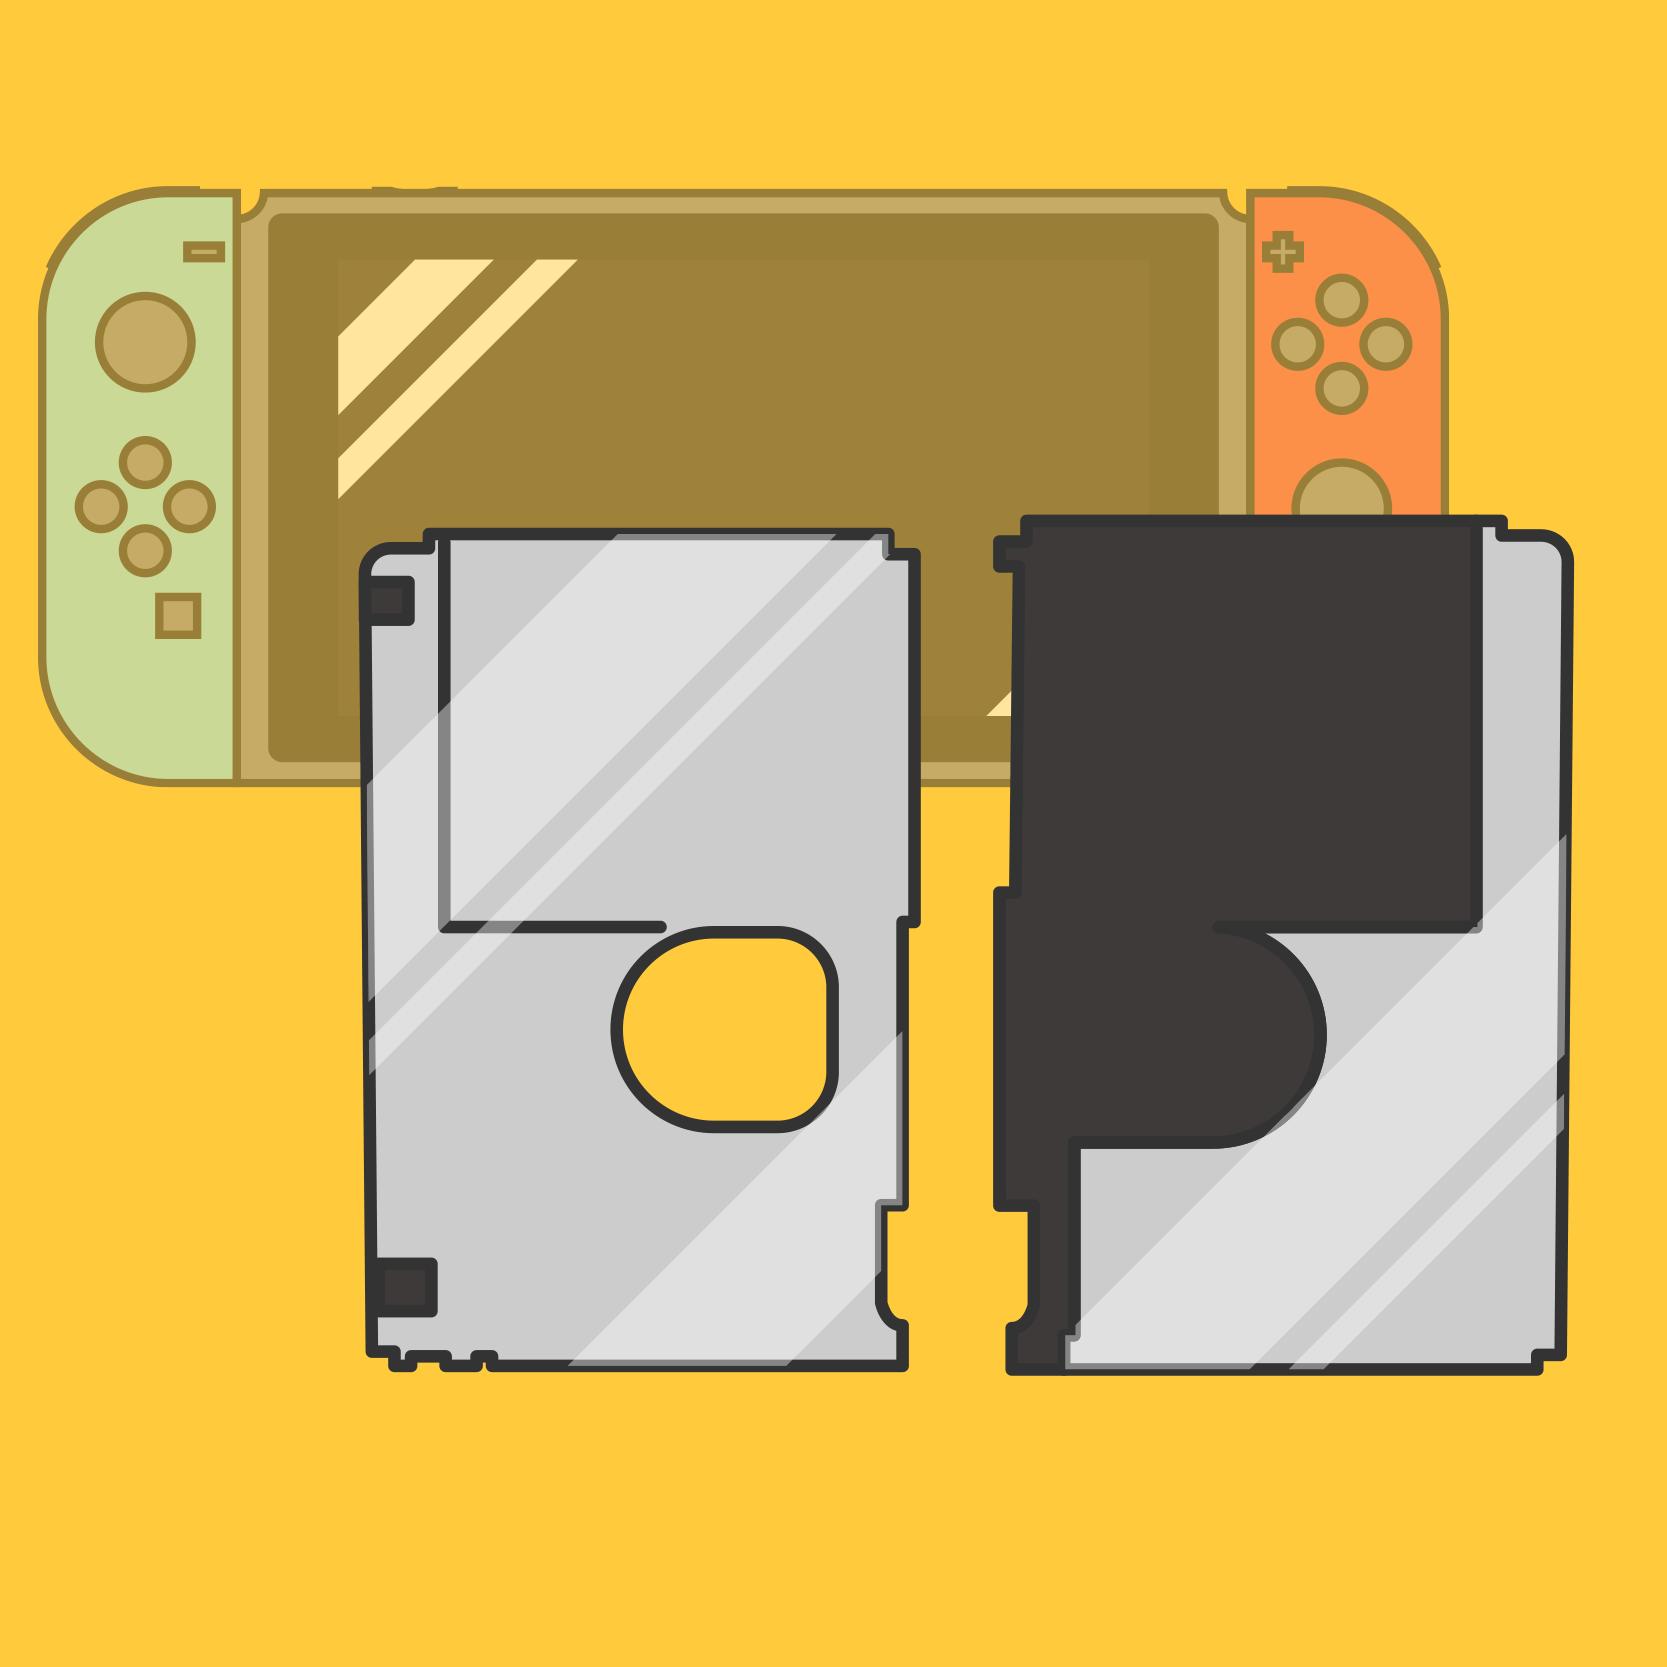 Switch ミドルフレーム交換 3DS・Switch・PSPの修理、買い取りならゲームホスピタルへ!